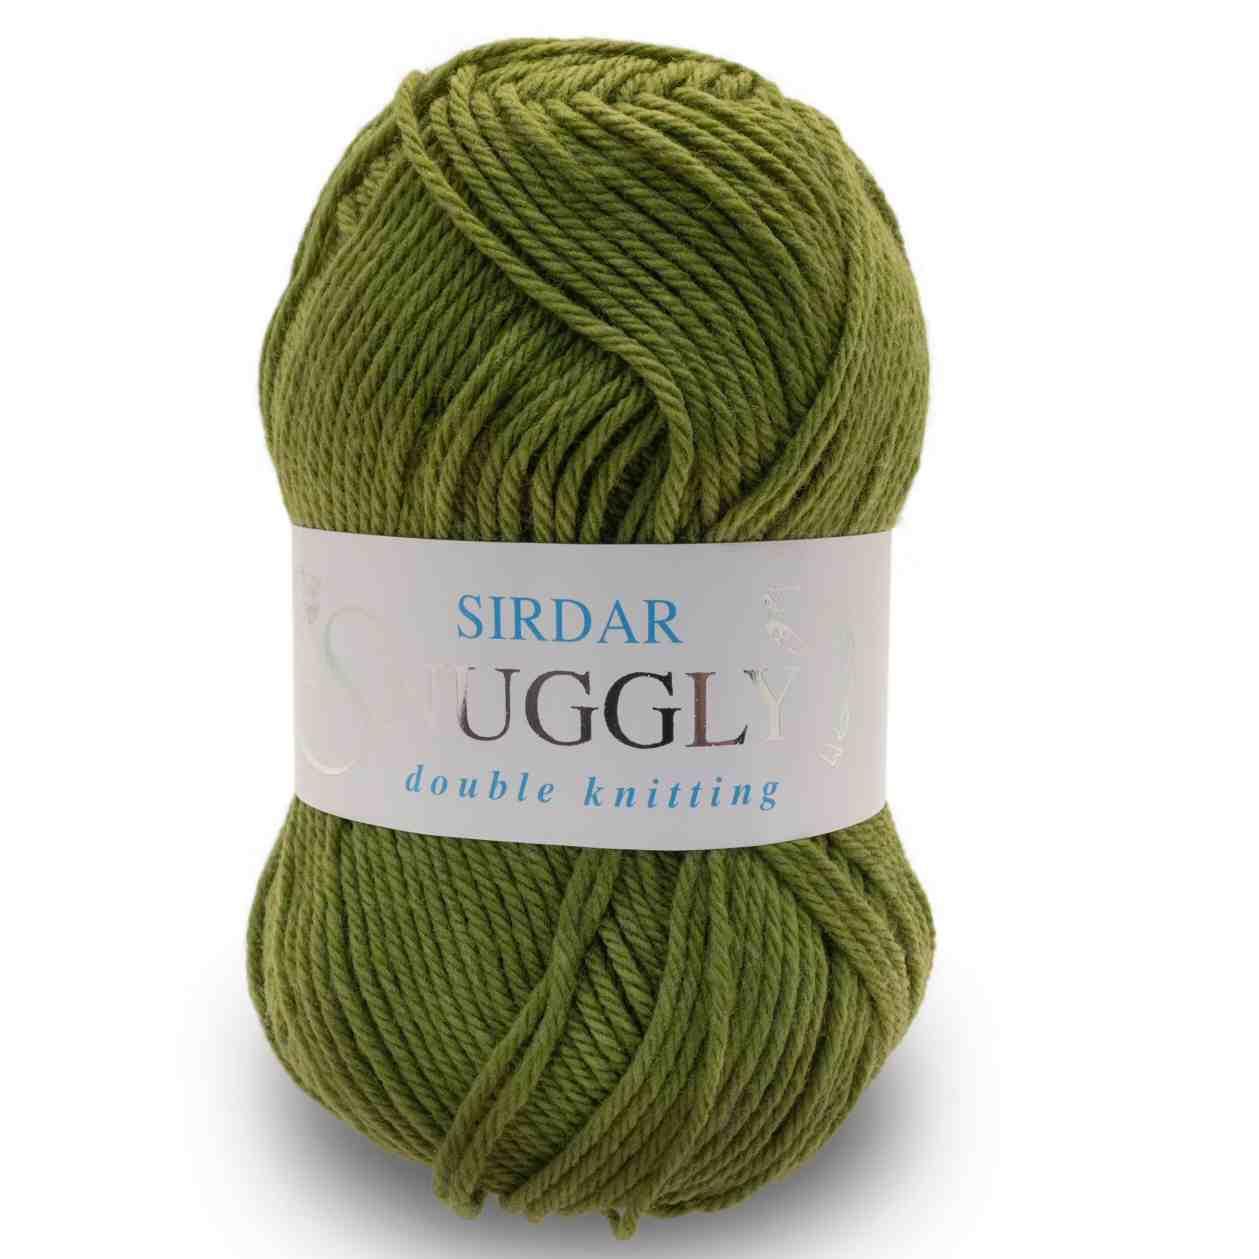 SIRDAR Snuggly DK 251 White Baby yarn x 50 gms